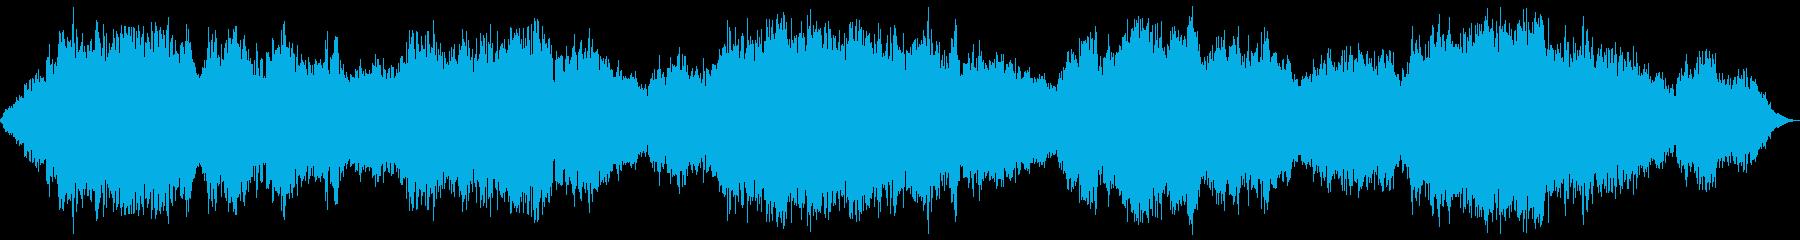 モーニングスペースストリングドロー...の再生済みの波形